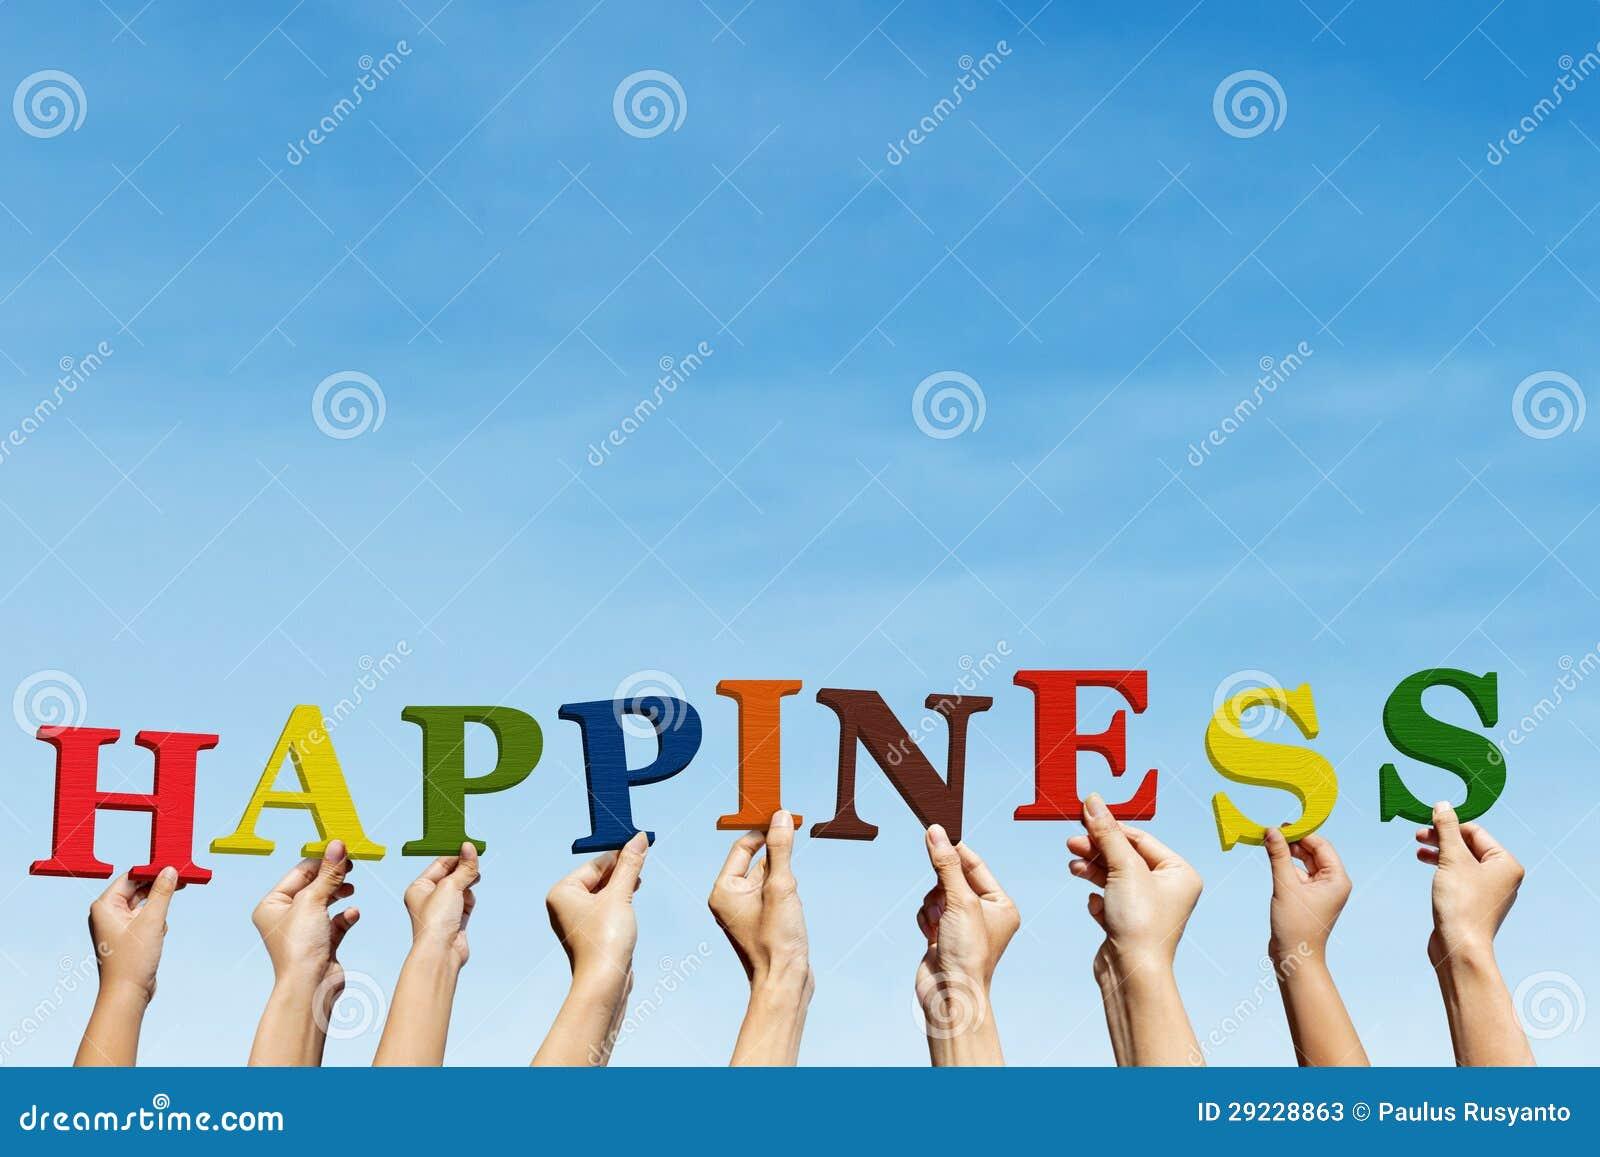 Download Felicidade ilustração stock. Ilustração de humano, mão - 29228863